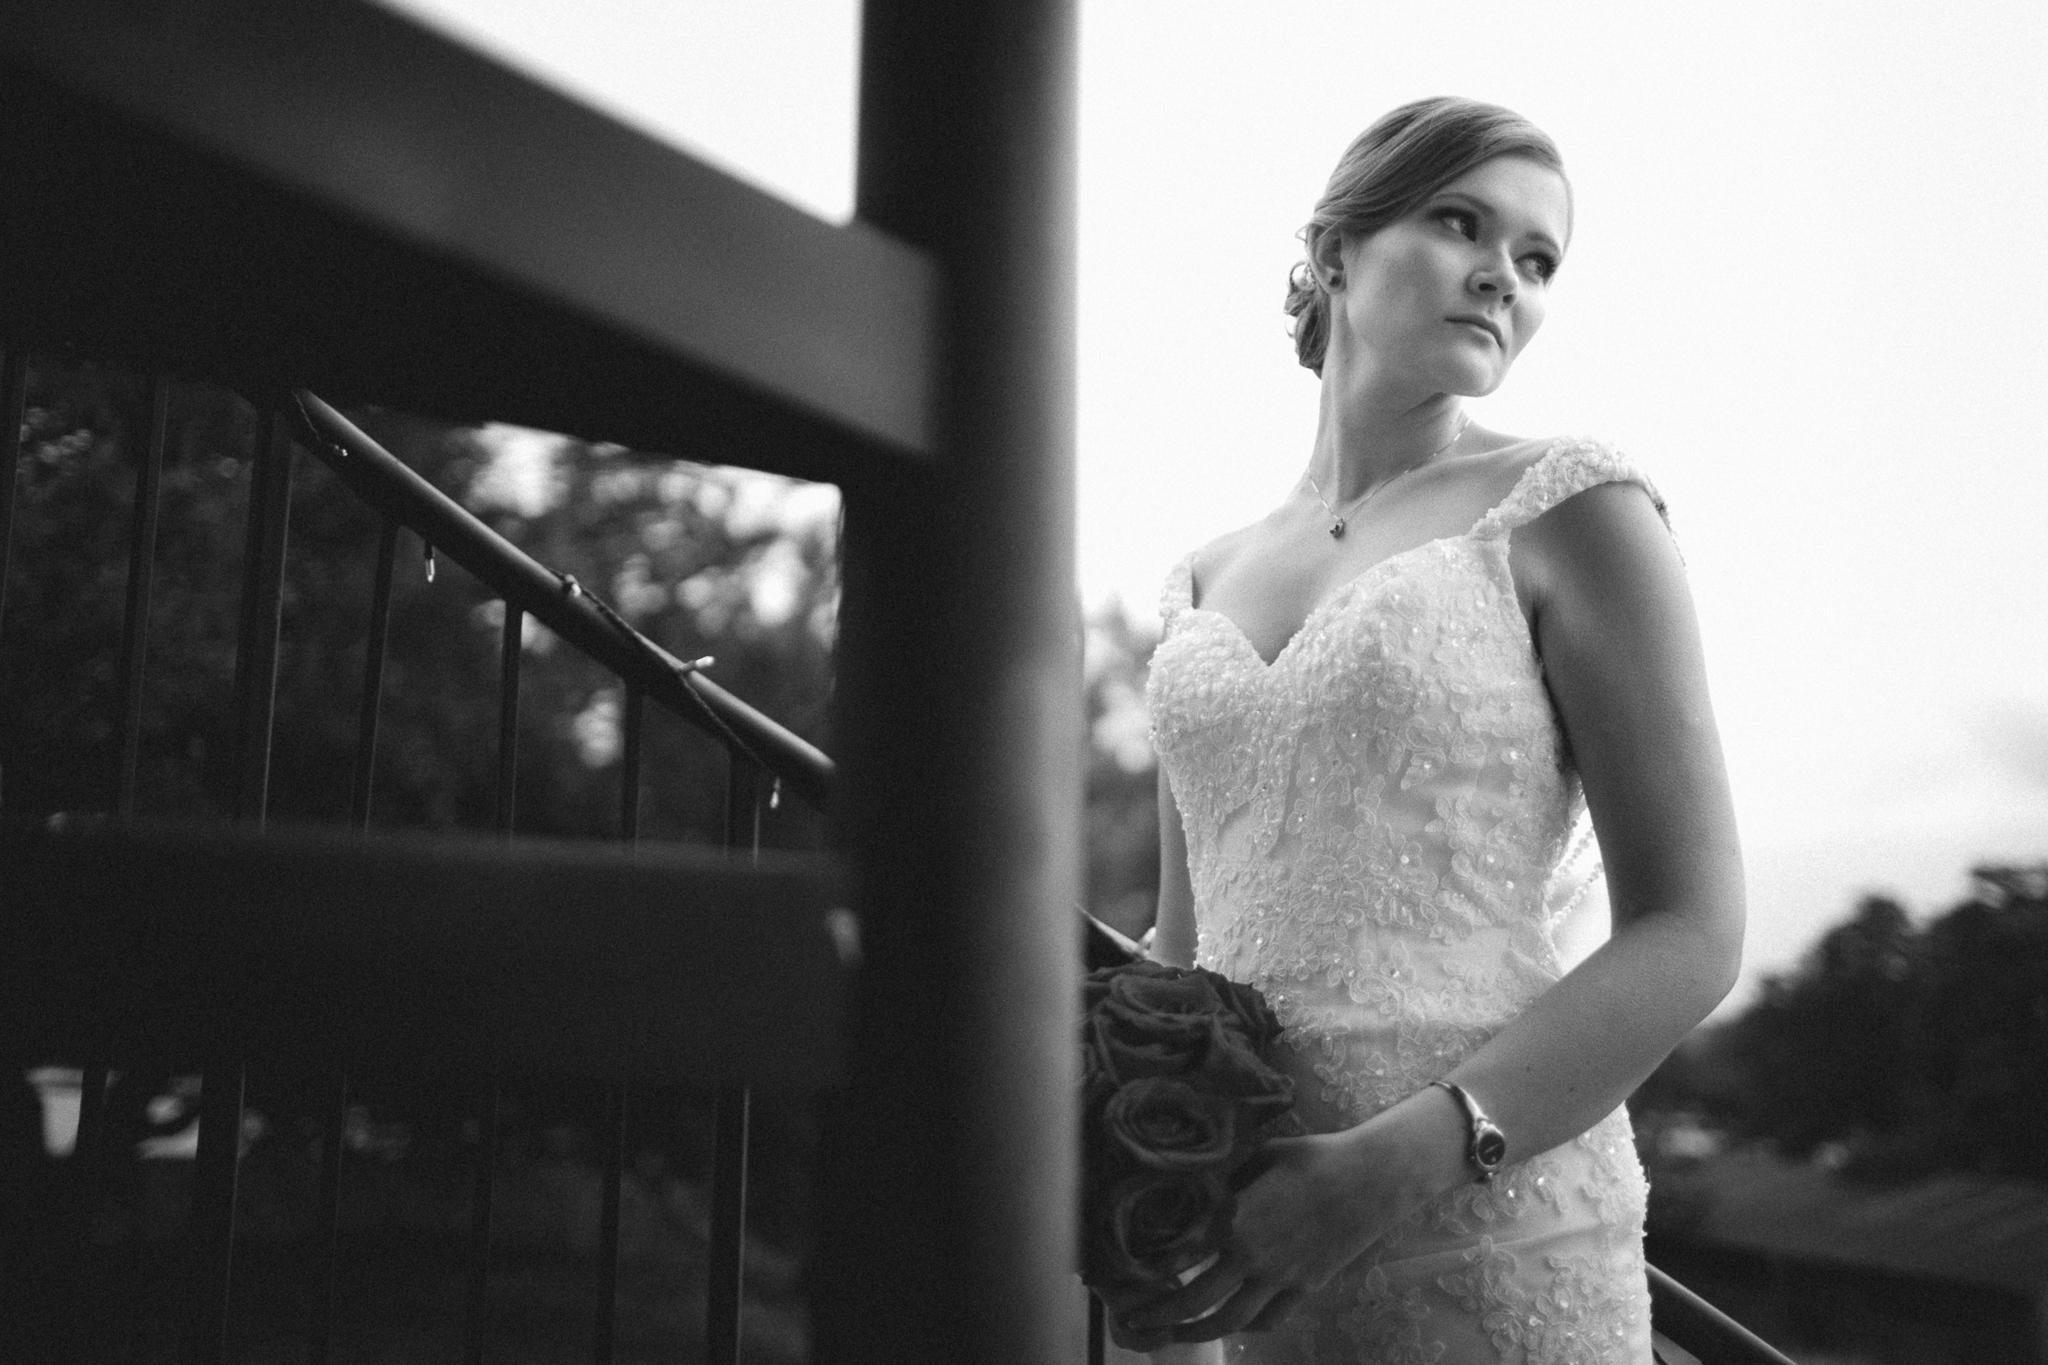 Salt-Lick-Austin-Wedding-Photographer-016.jpg